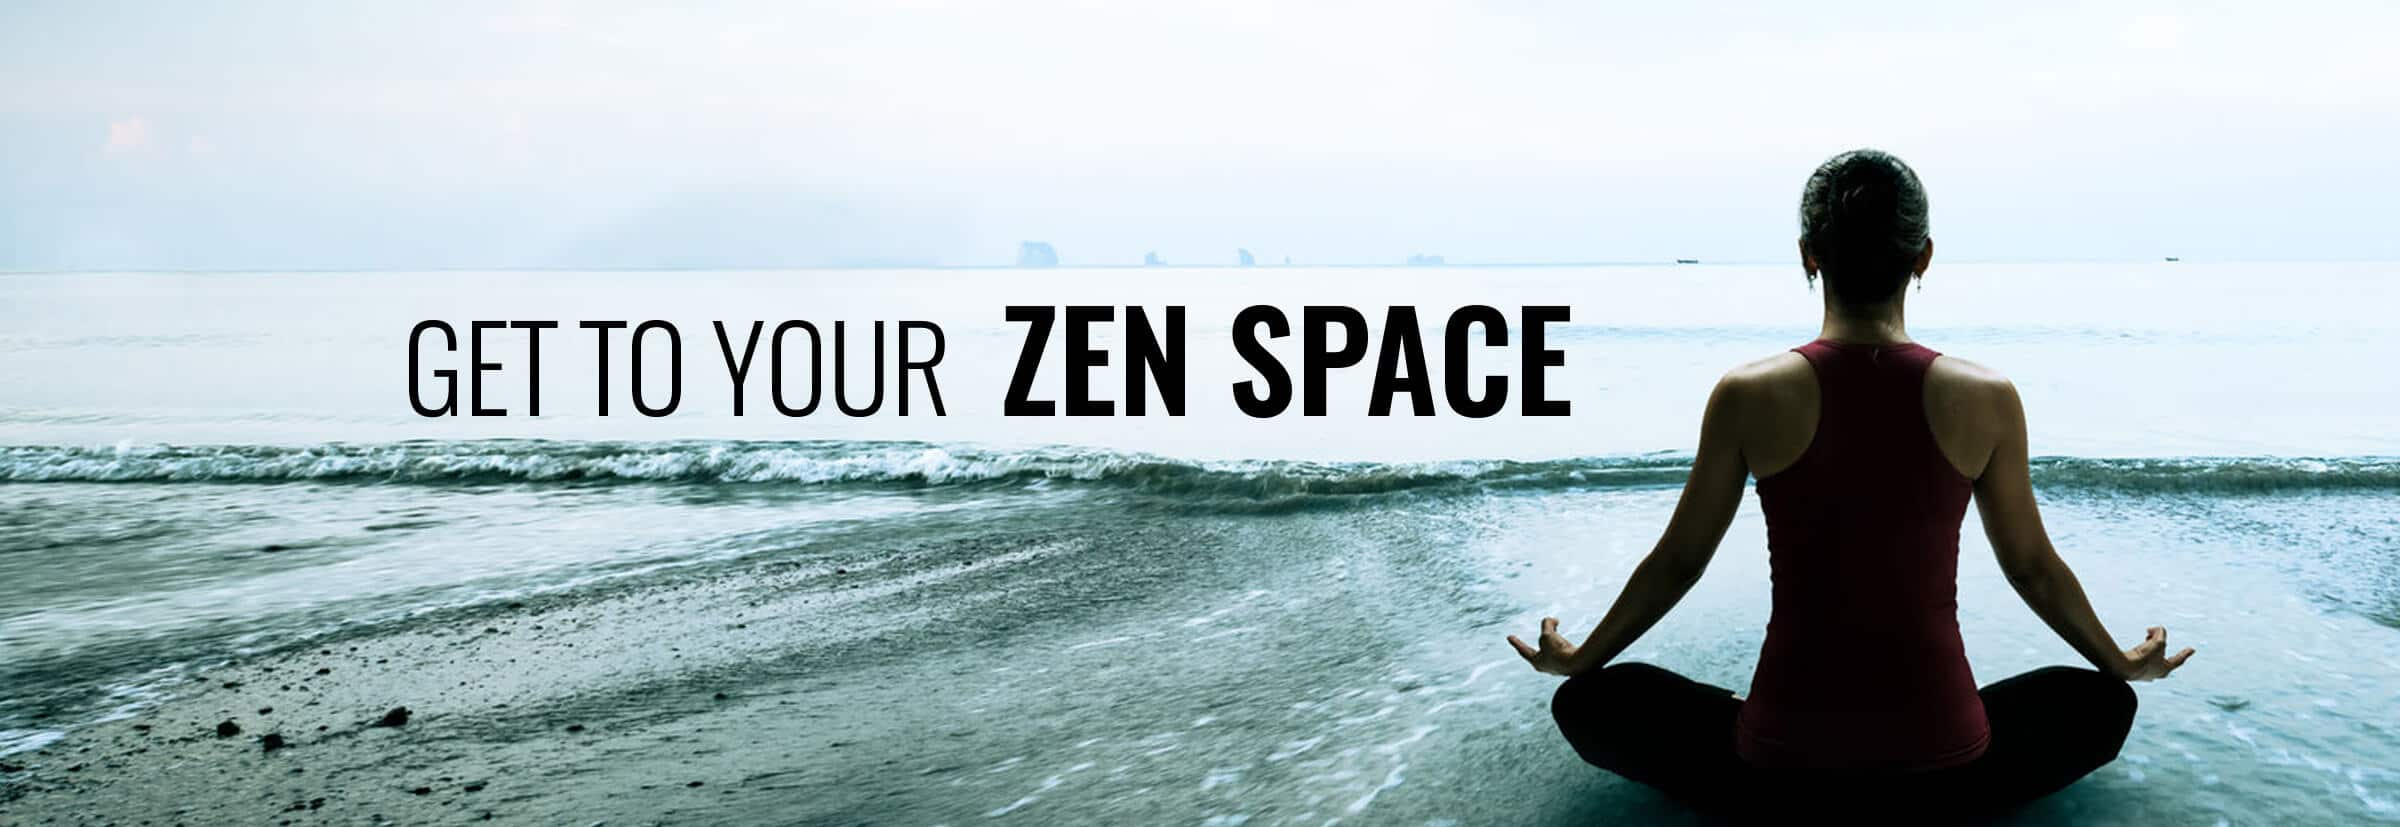 Get to your zen space